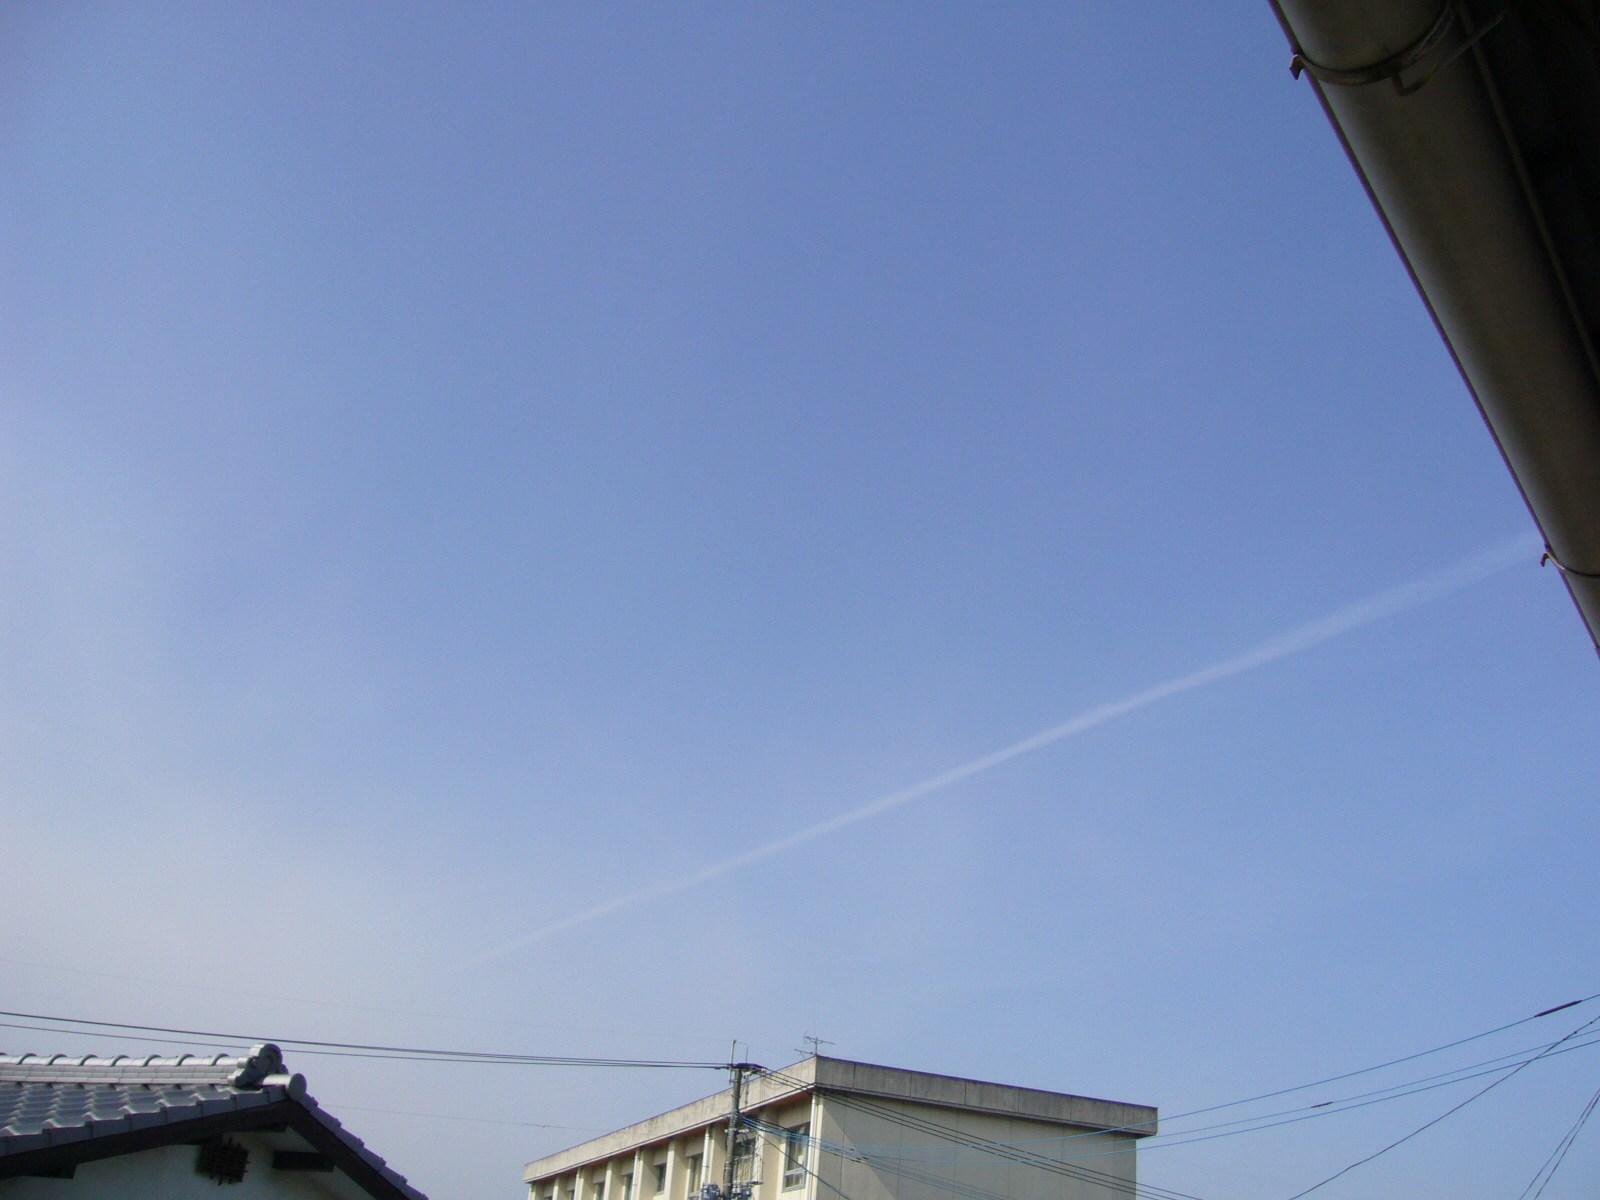 九州は飛行機雲とハロ祭りになりそう。